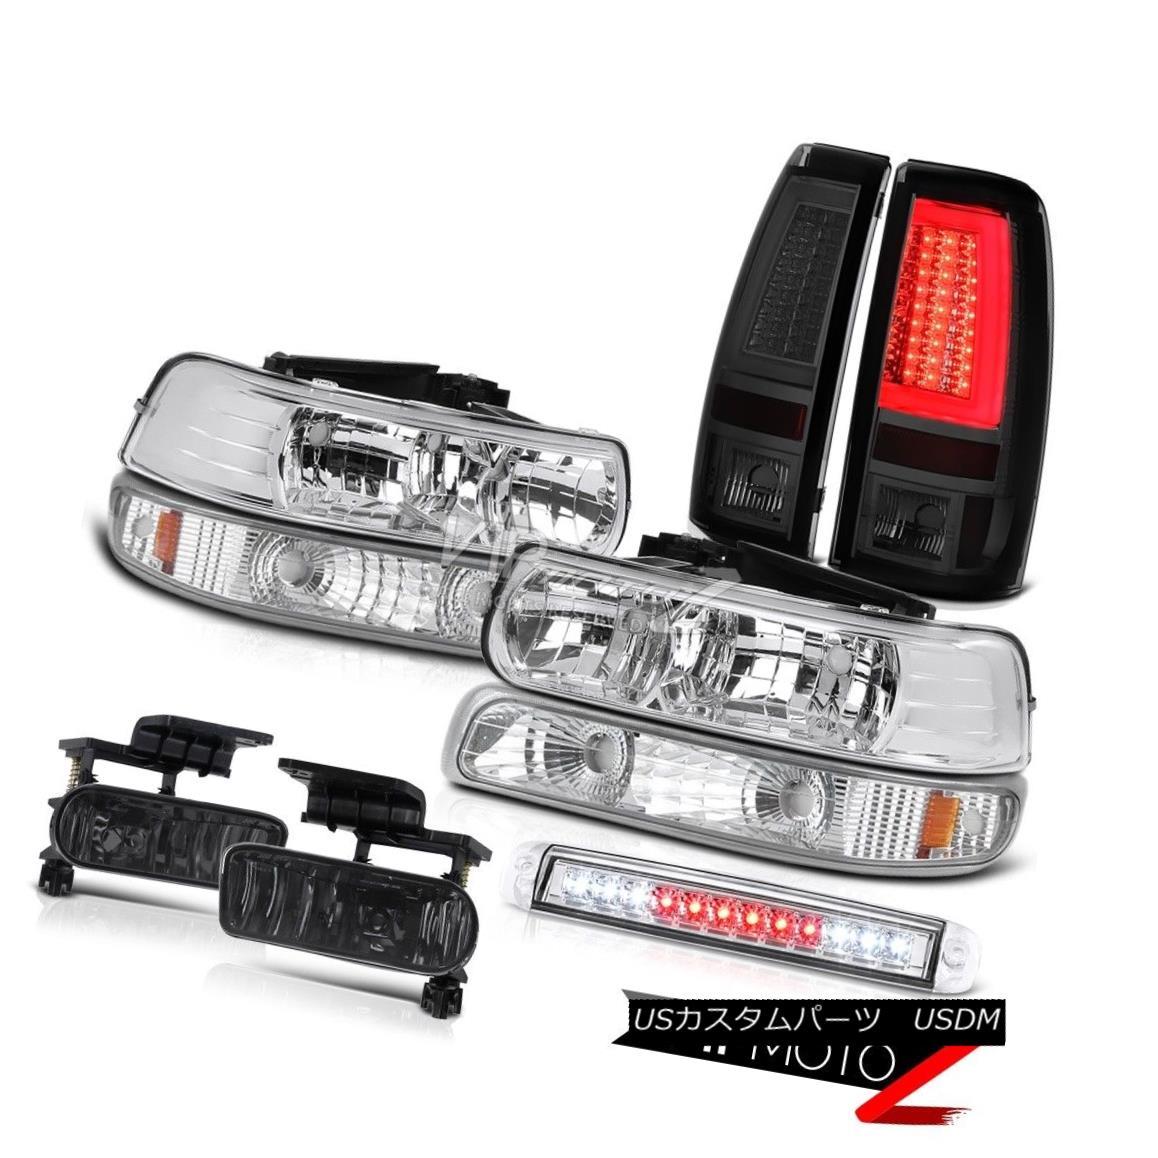 ヘッドライト 99 00 01 02 Silverado 4WD Tail Lights High Stop Lamp Signal Headlights Foglamps 99 00 01 02 Silverado 4WDテールライトハイストップランプ信号ヘッドライトフォグランプ